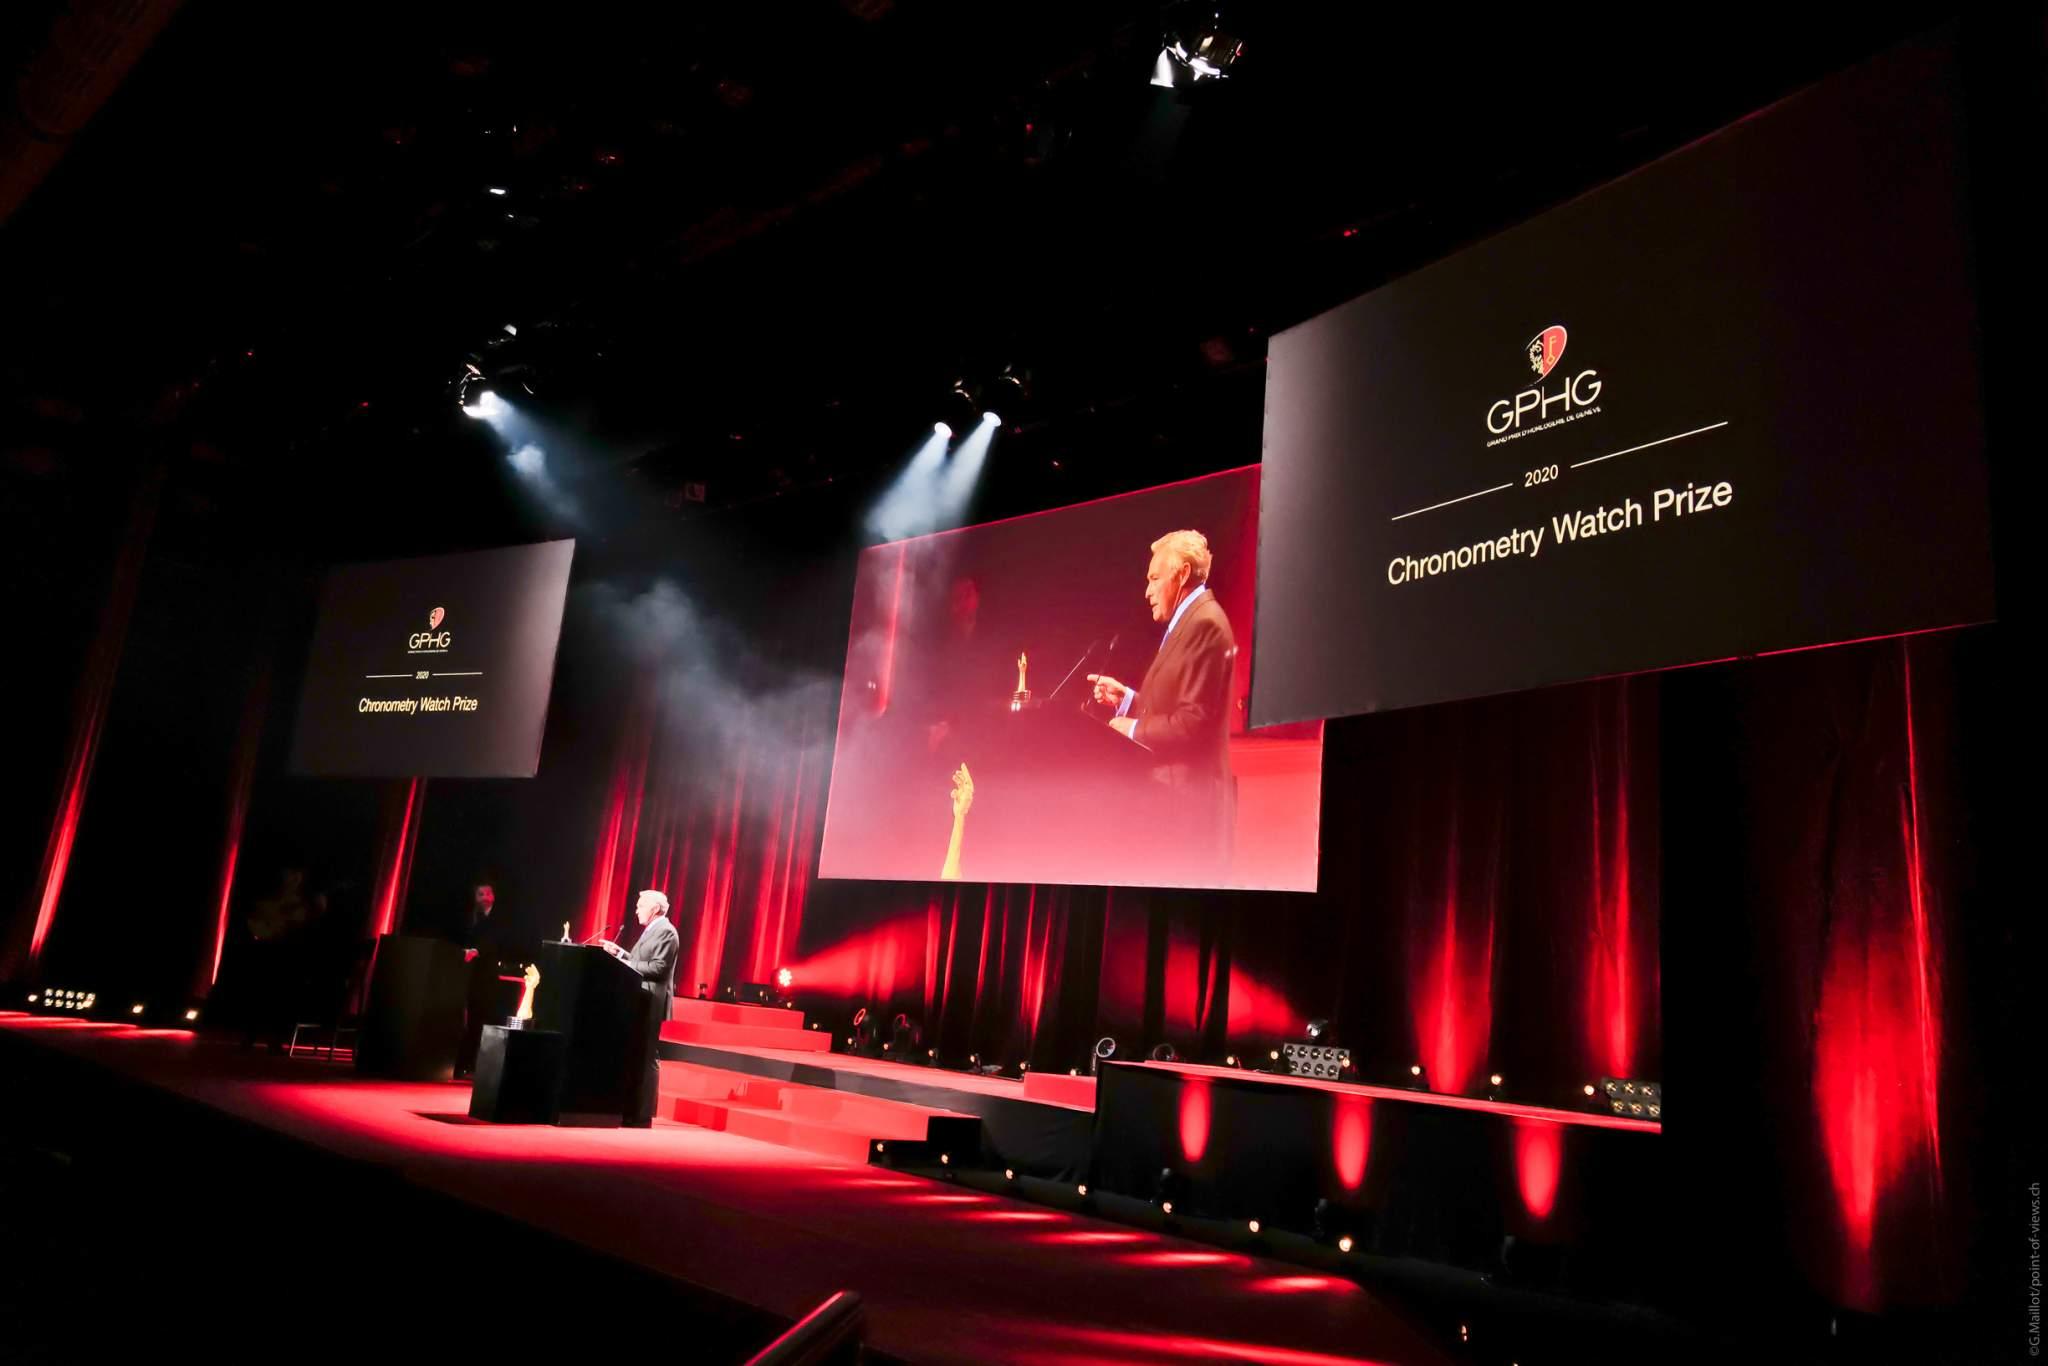 Karl-Friedrich Scheufele, Président de Chronométrie Ferdinand Berthoud, lauréat du Prix de la Chronométrie 2020